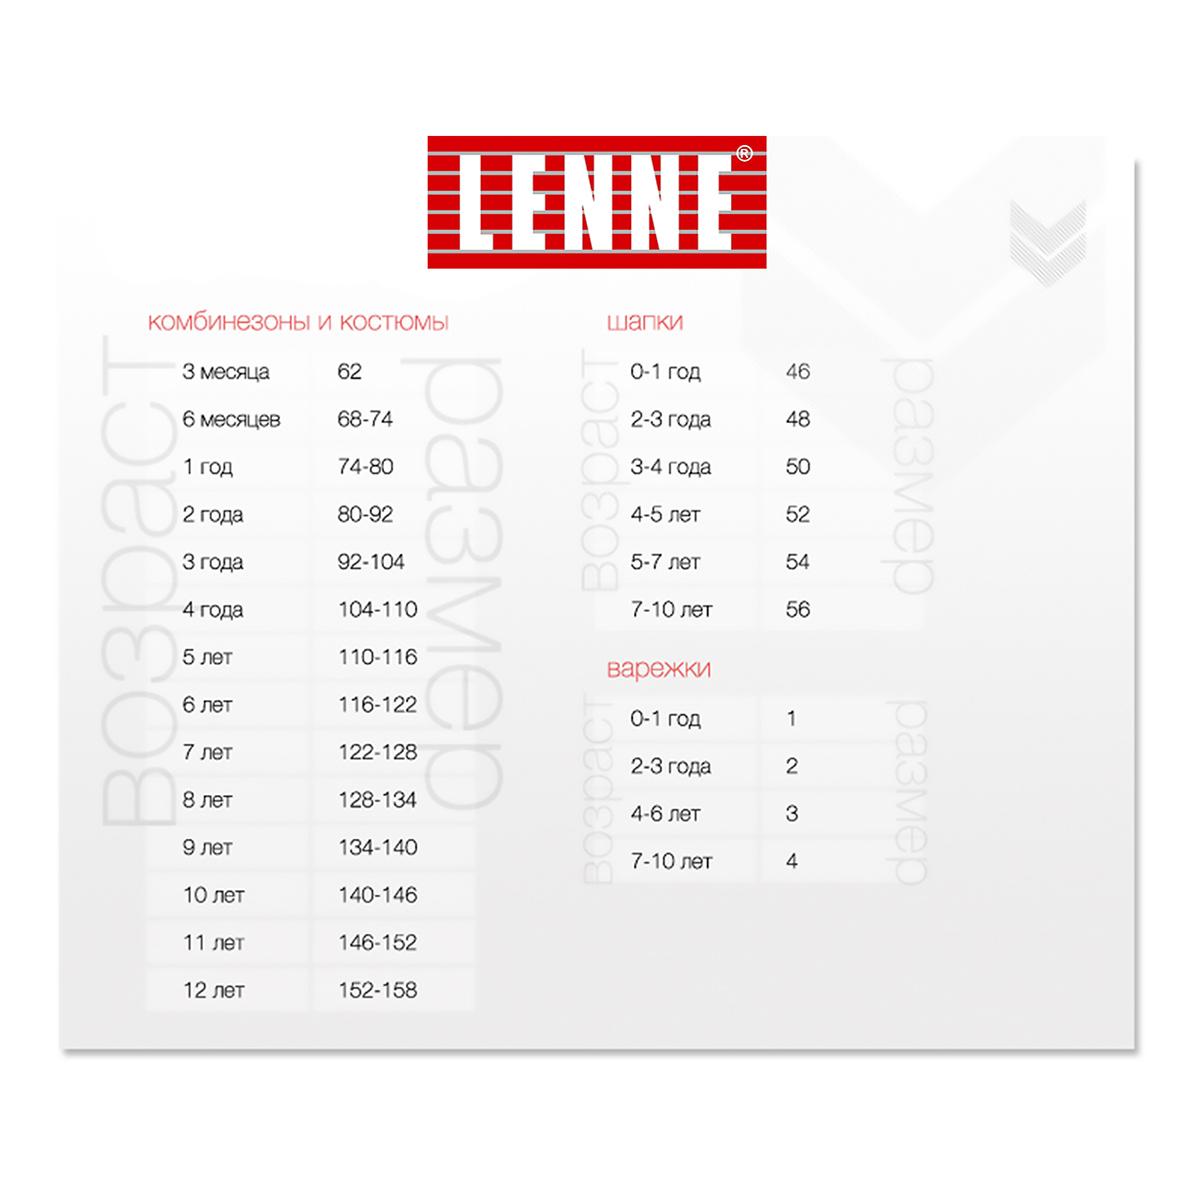 Купить Верхняя одежда, Куртка и полукомбинезон LENNE Forest Navy, р. 98 20315/2299 ТМ: LENNE, синий